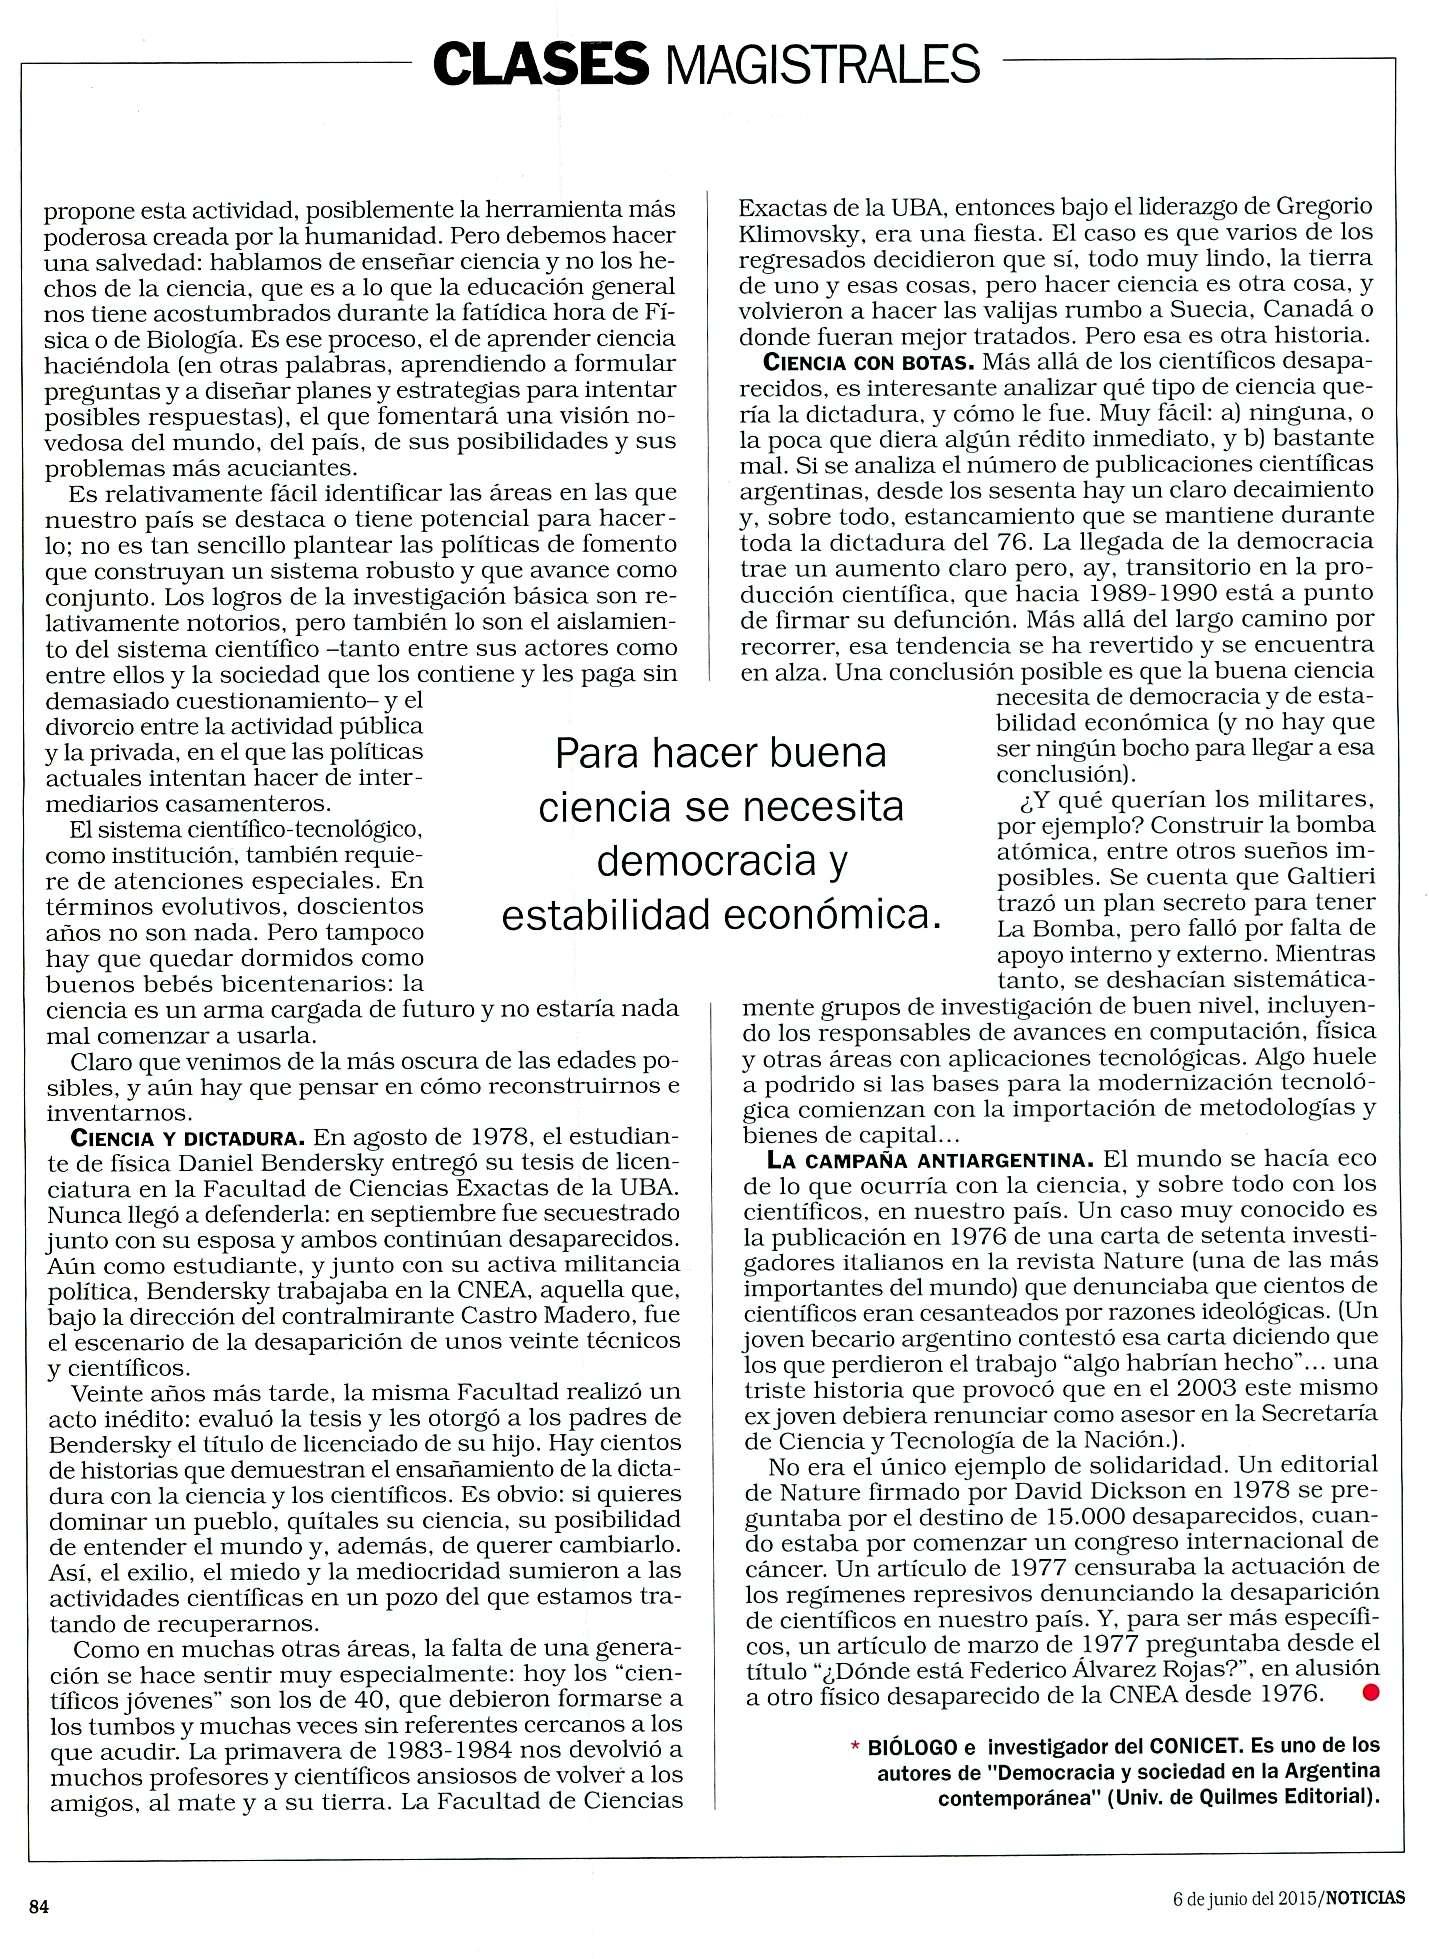 NOTICIAS, 6 DE JUN.4